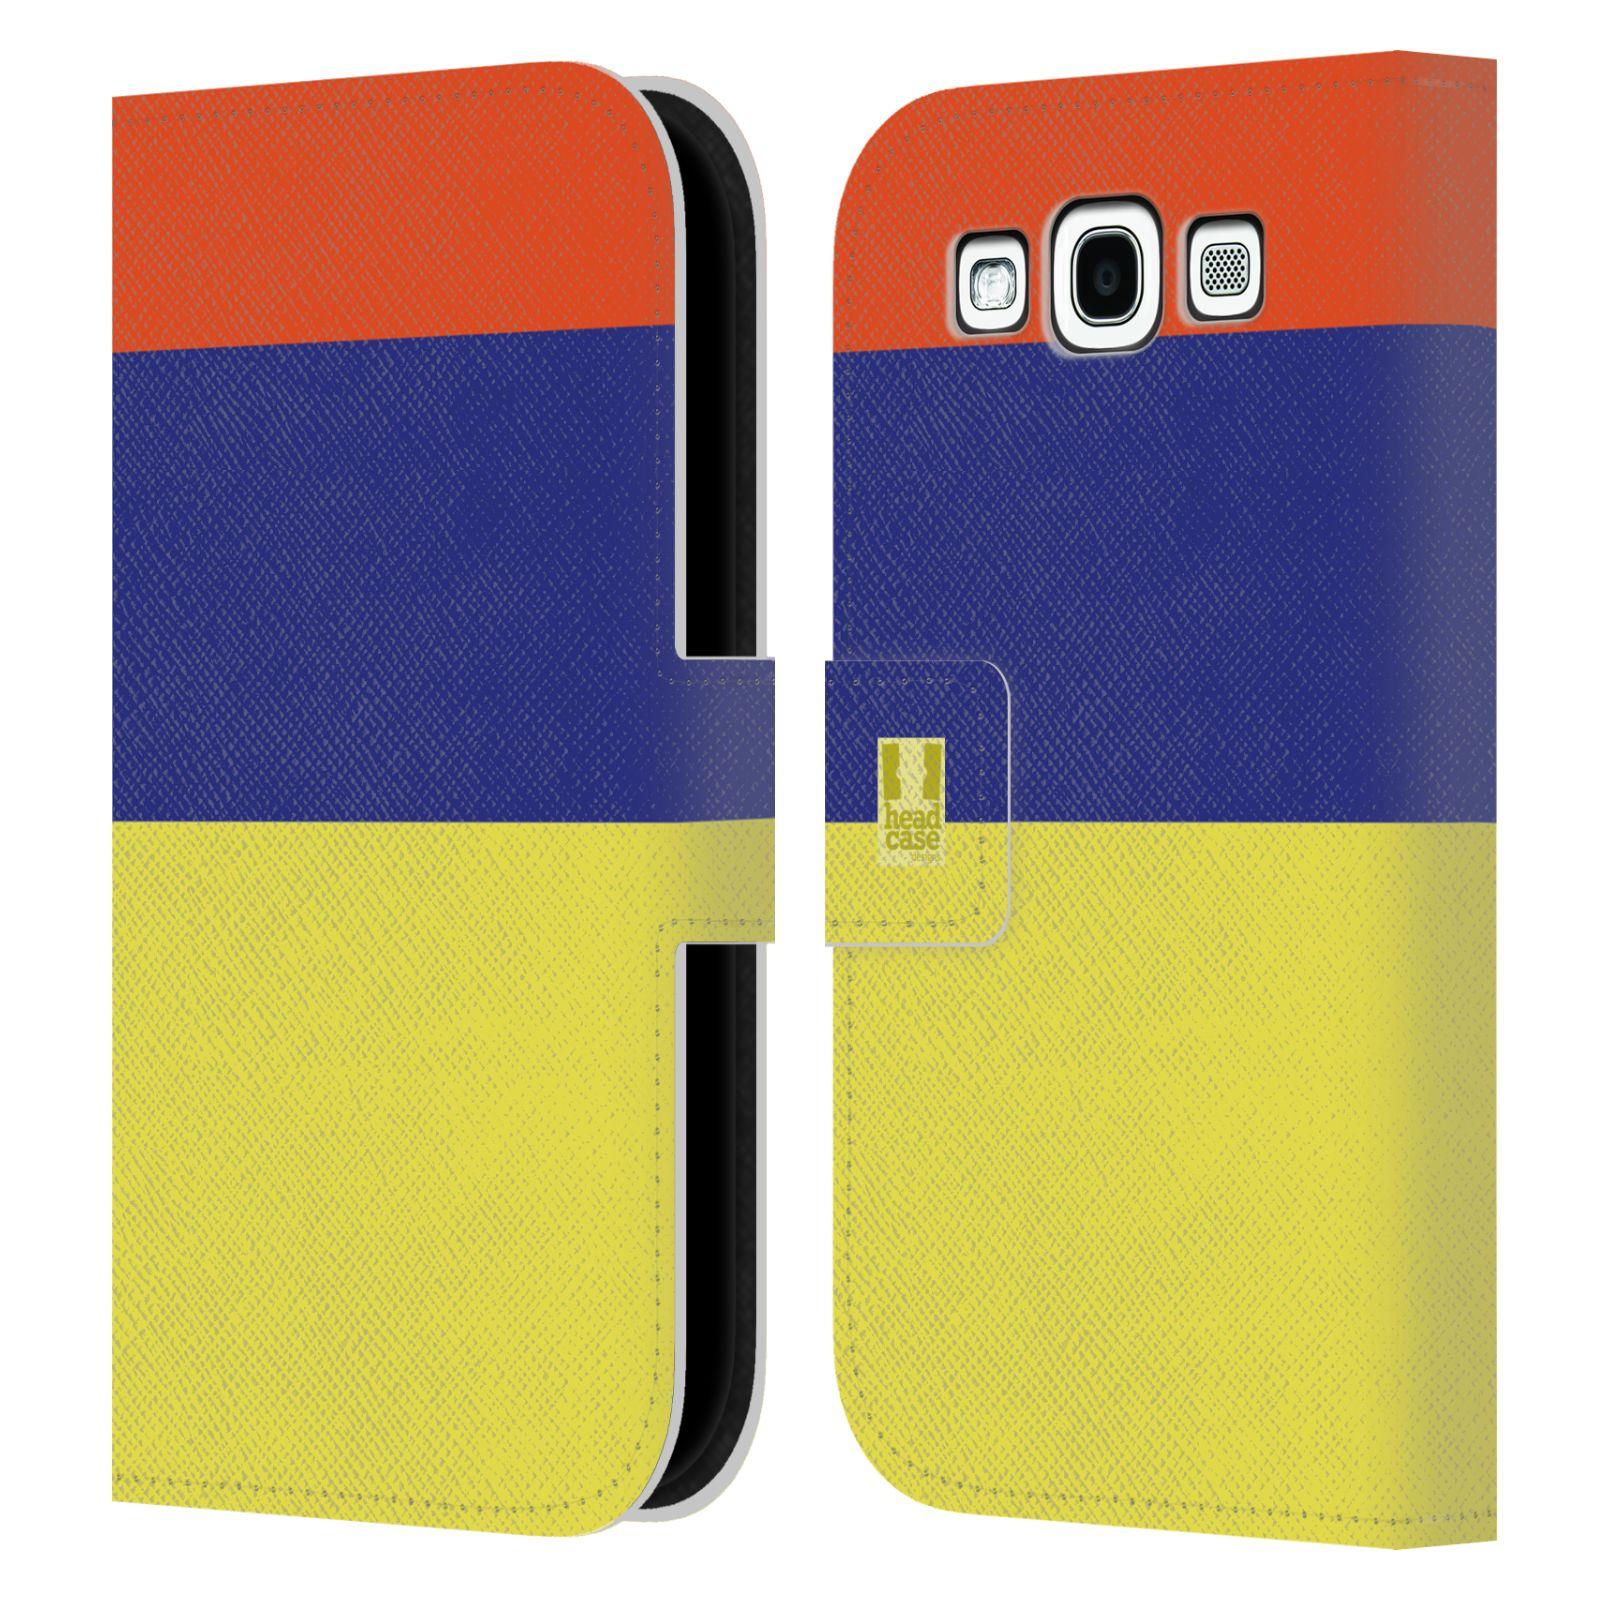 HEAD CASE Flipové pouzdro pro mobil Samsung Galaxy S3 I9300 barevné tvary žlutá, modrá, červená